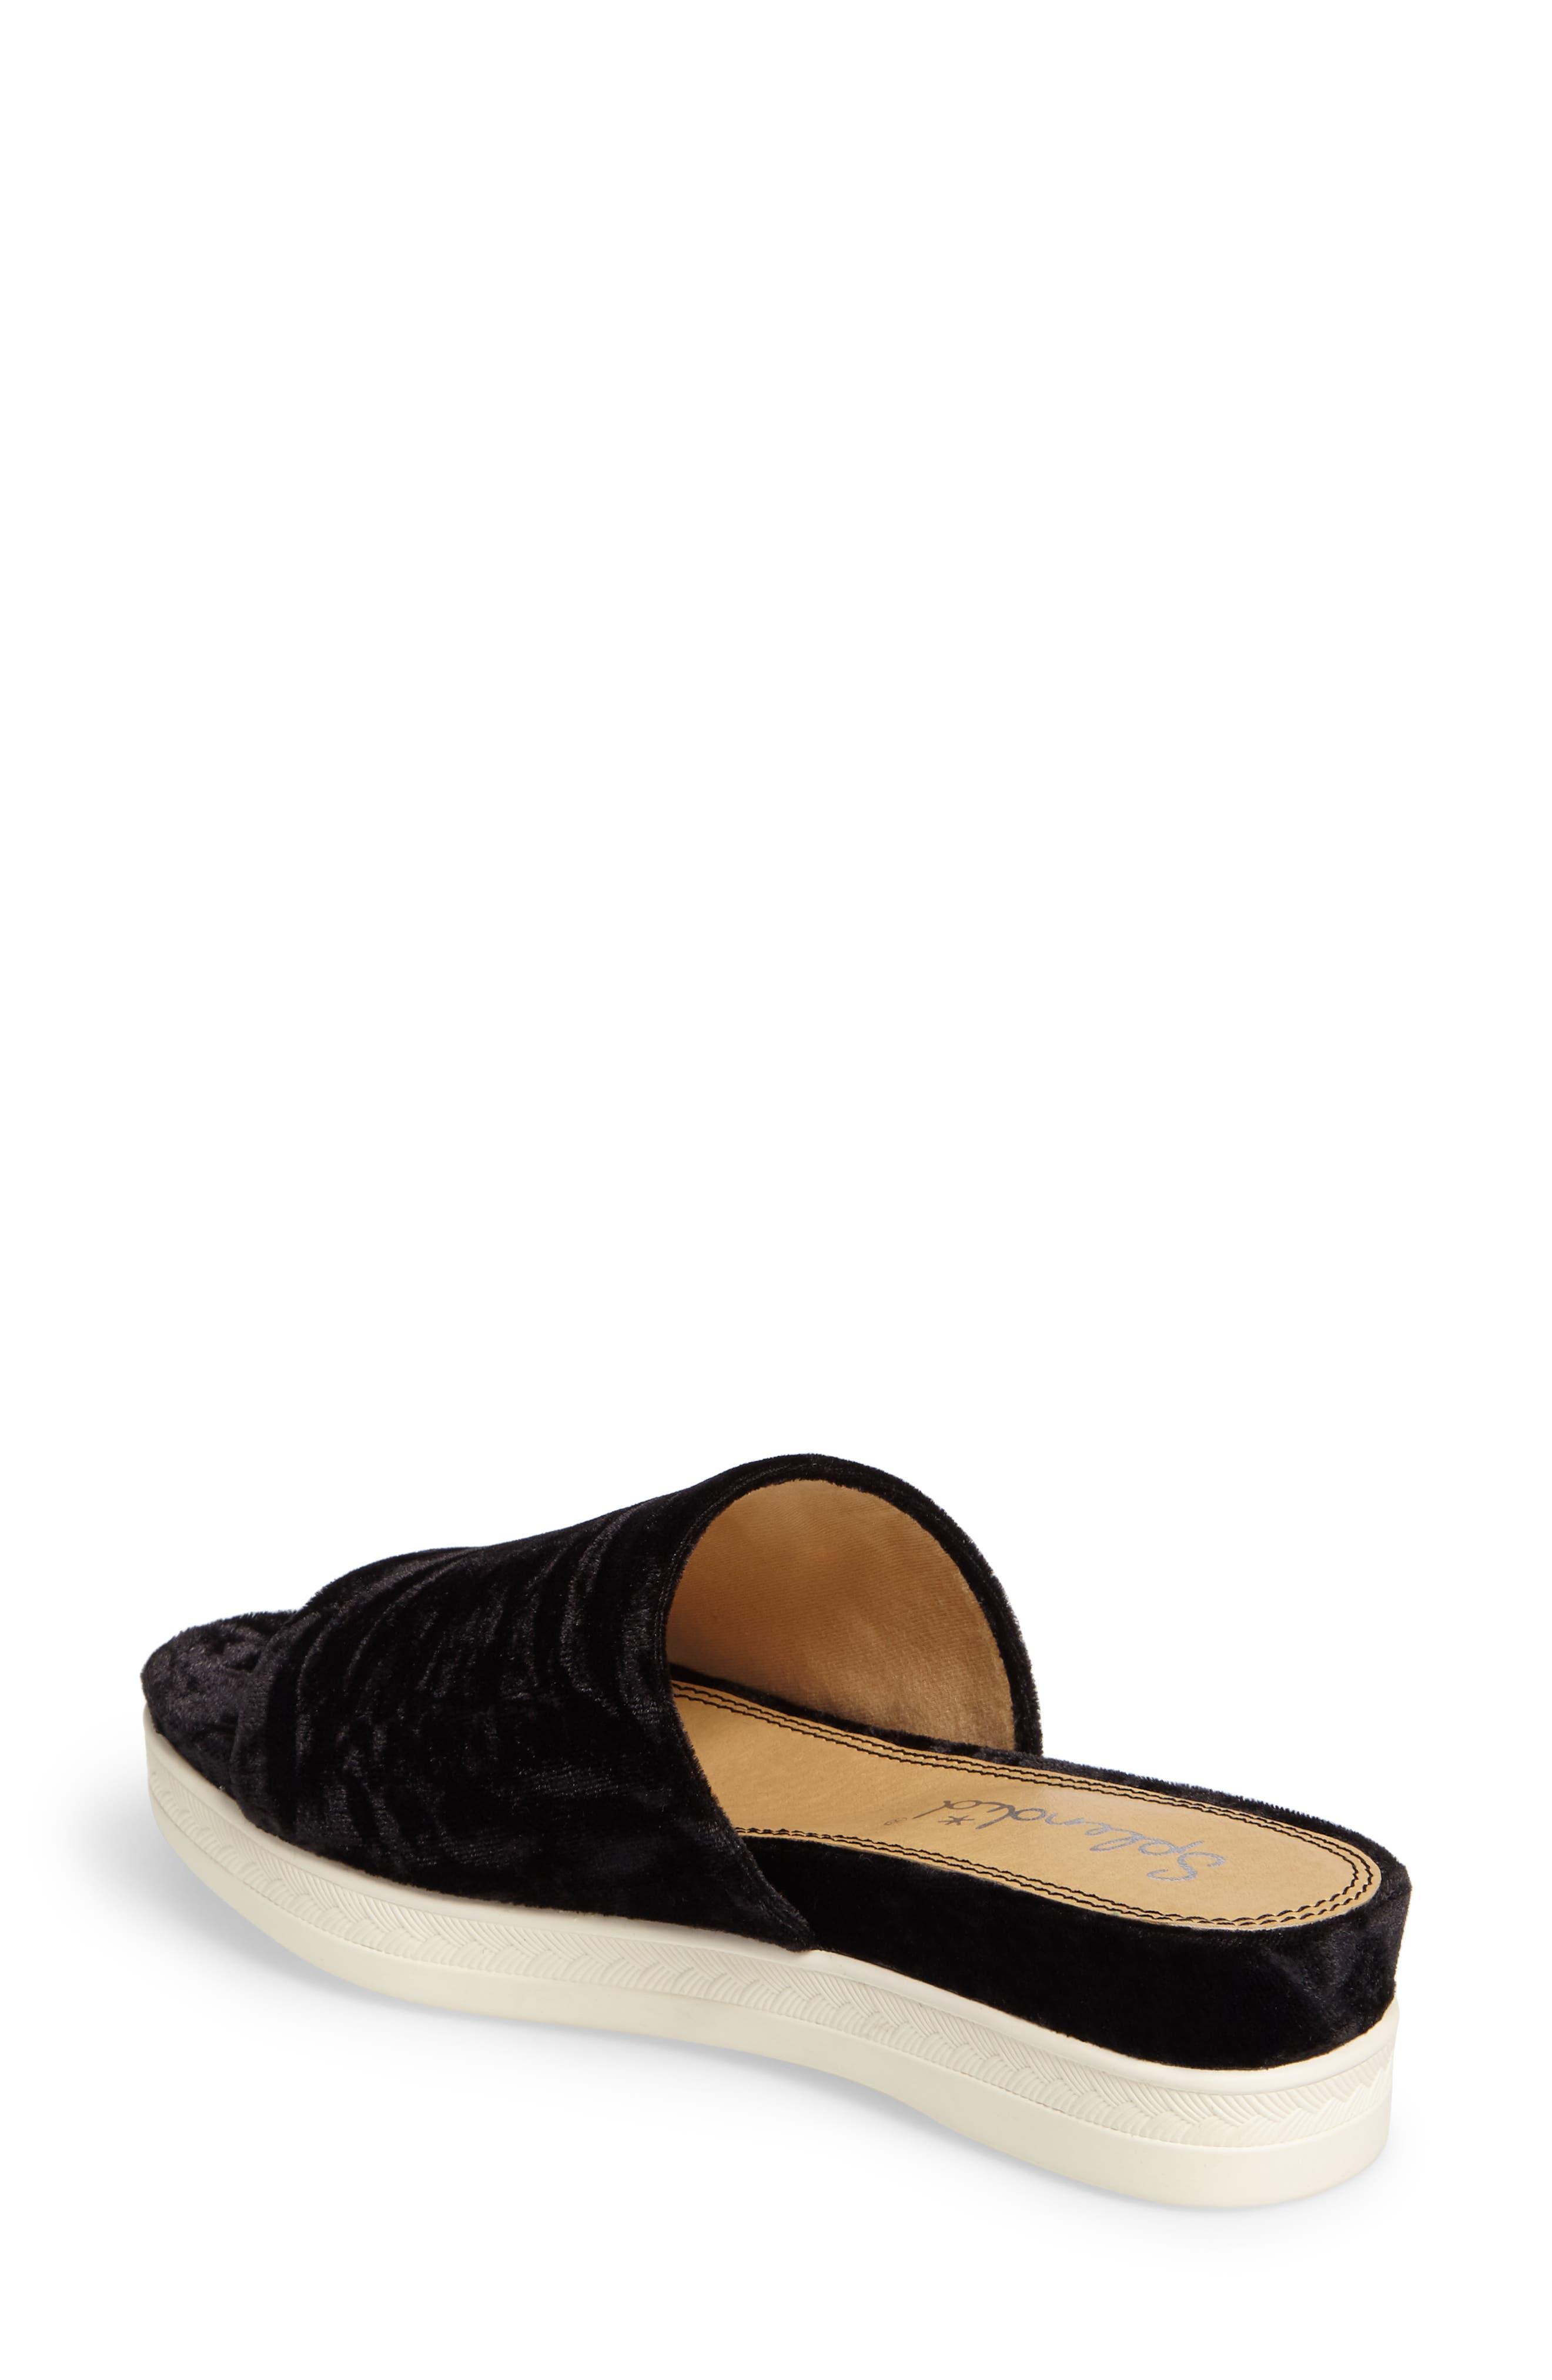 Alternate Image 2  - Splendid Darla Slide Sandal (Women)